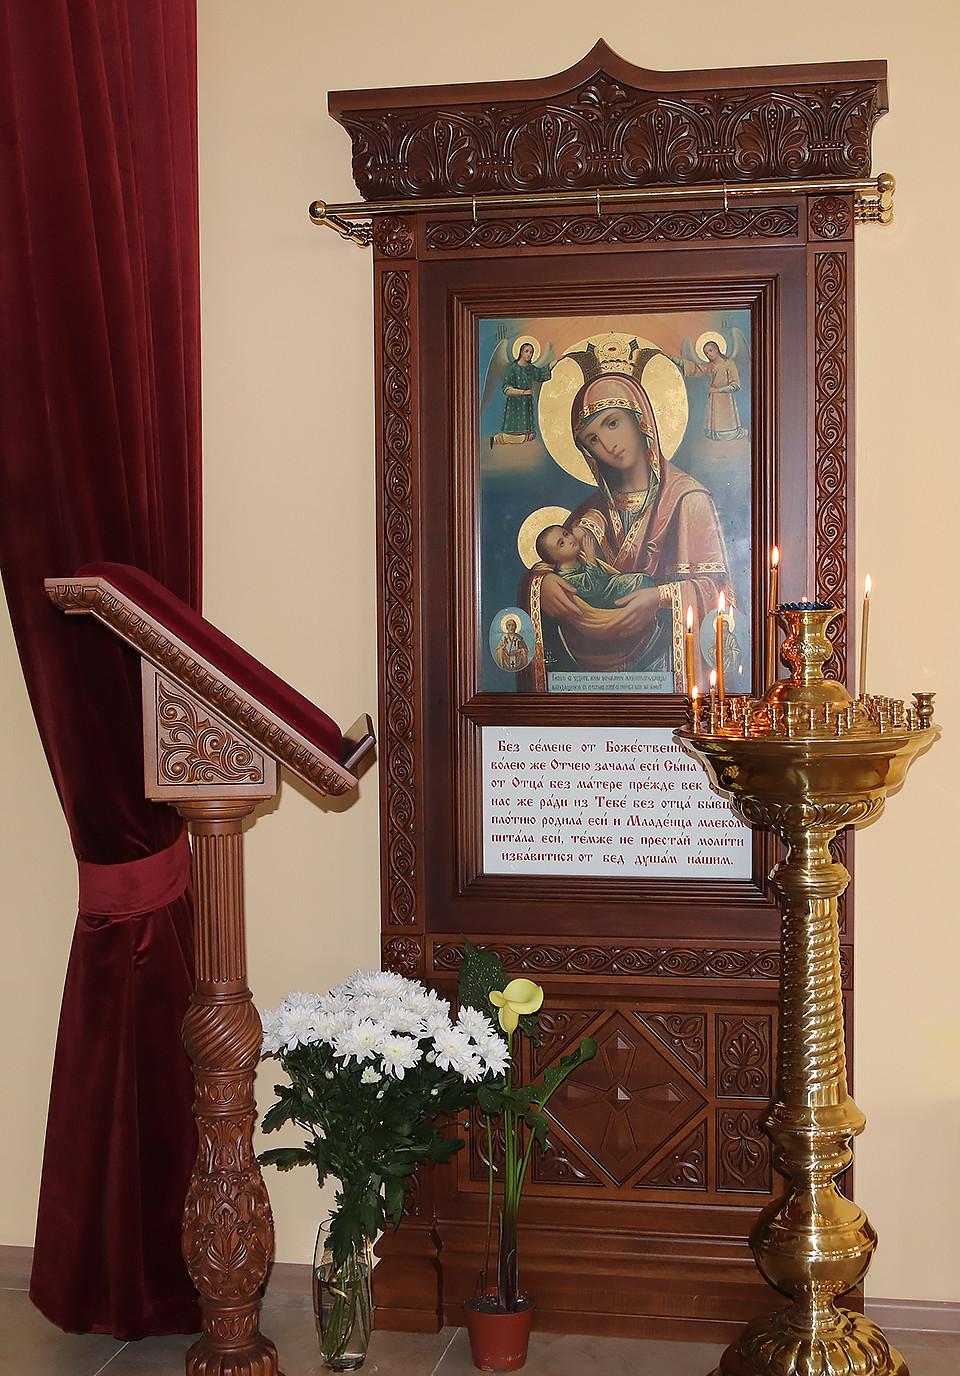 Древняя икона Пресвятой Богородицы передана в дар бобруйскому центру «Покрова»